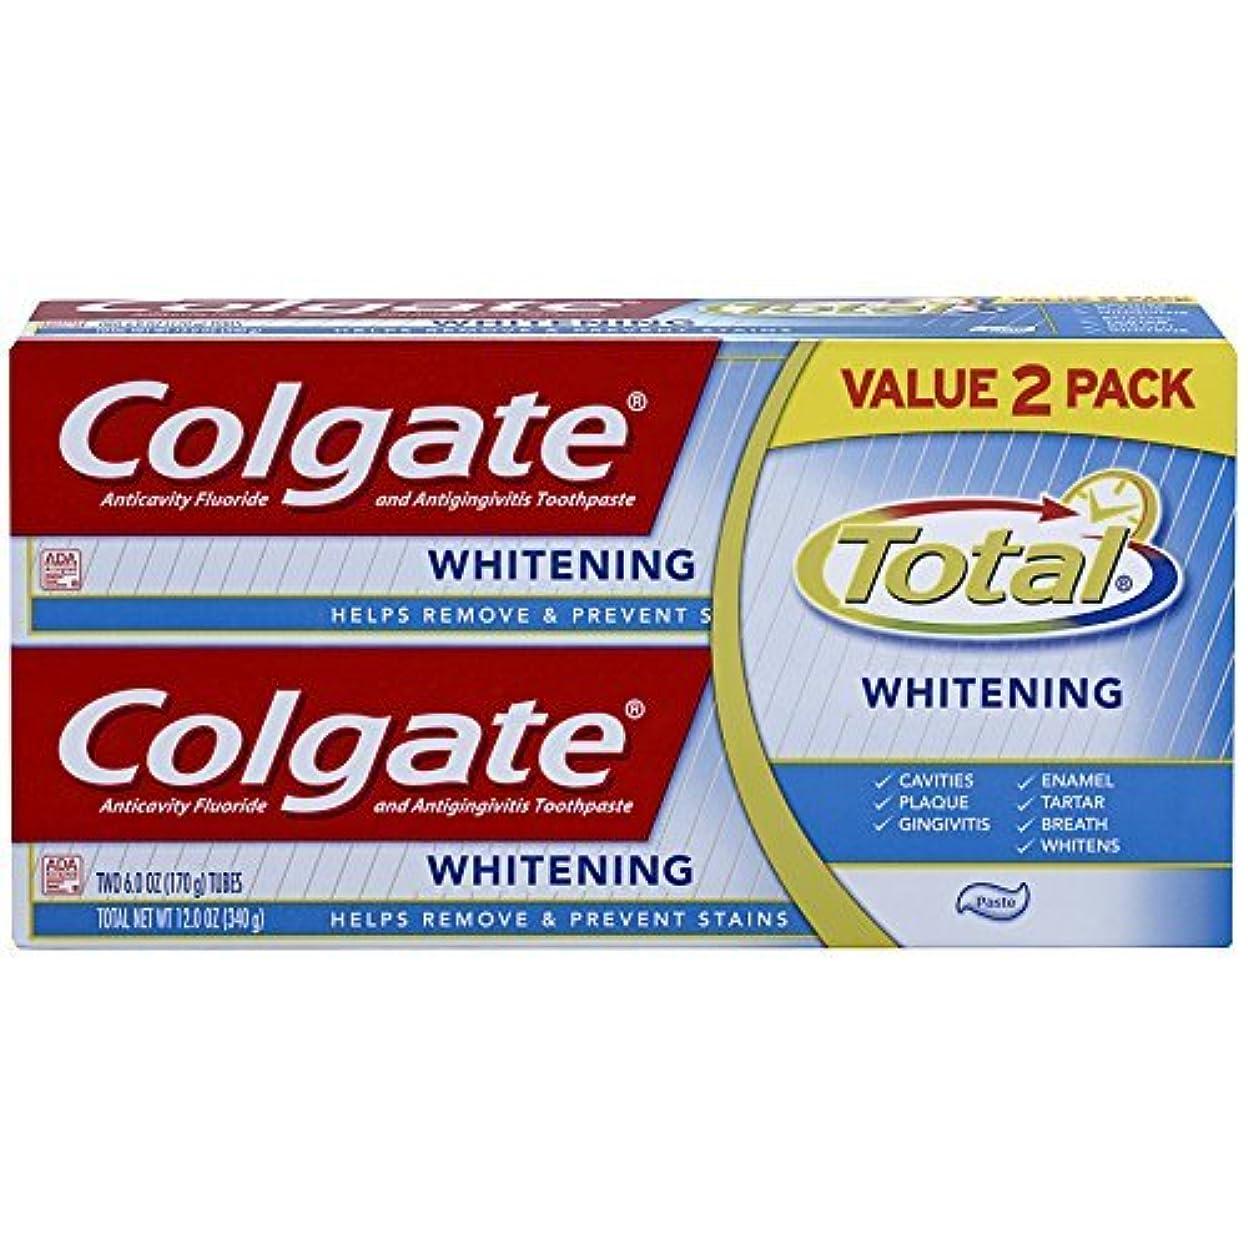 回想コンベンションリベラルColgate Total Whitening Toothpaste Twin Pack - 6 ounce [並行輸入品]